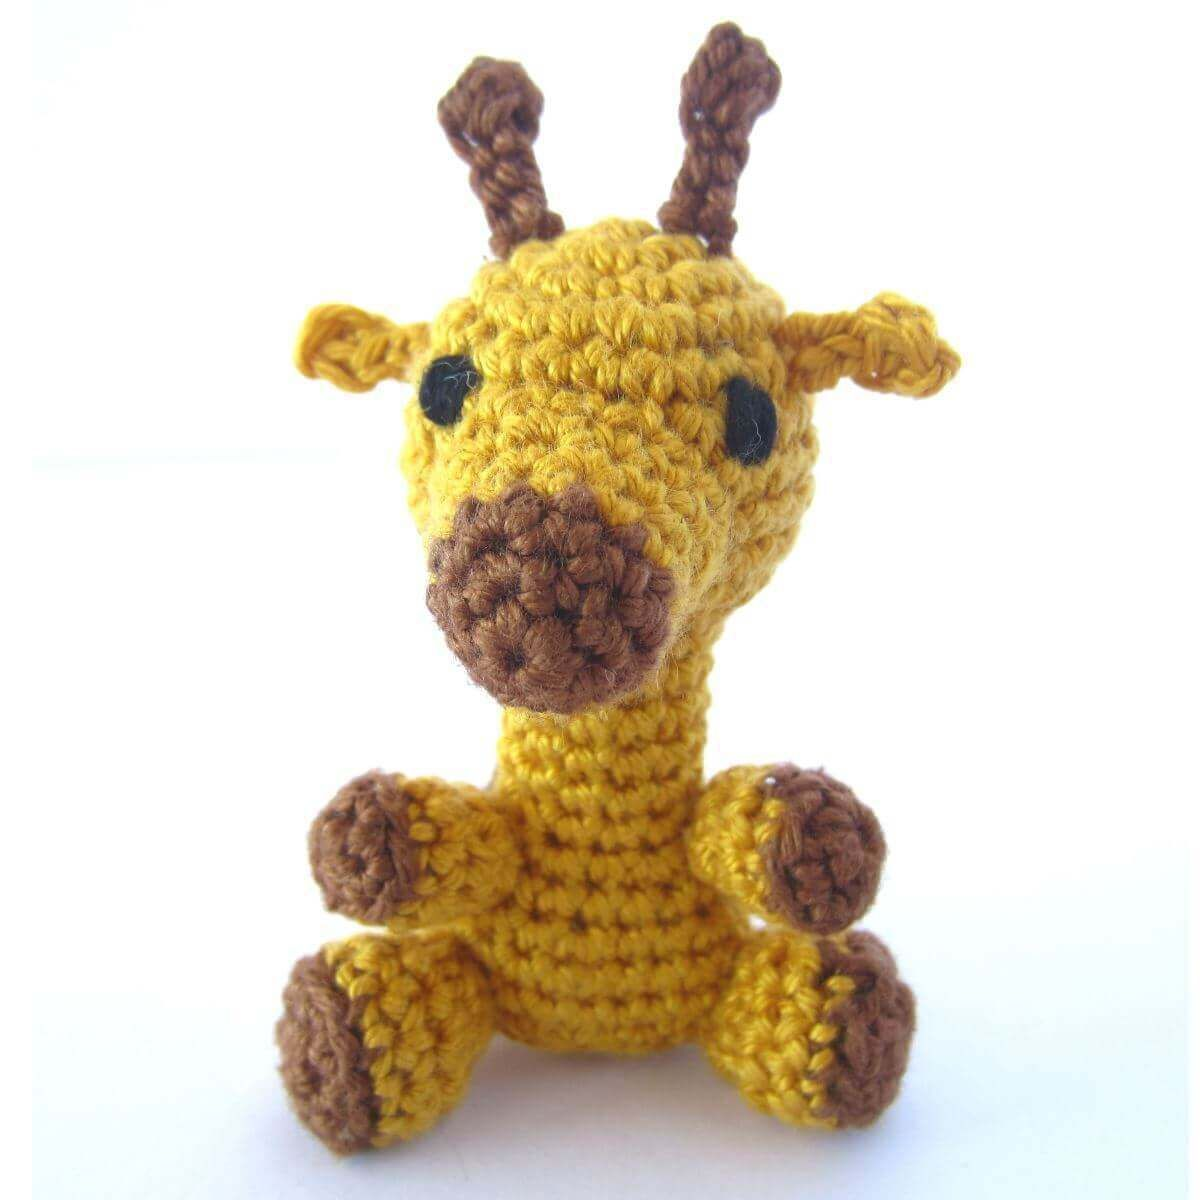 Amigurumi Giraffe häkeln Beitragsbild | Häkeln | Pinterest ...